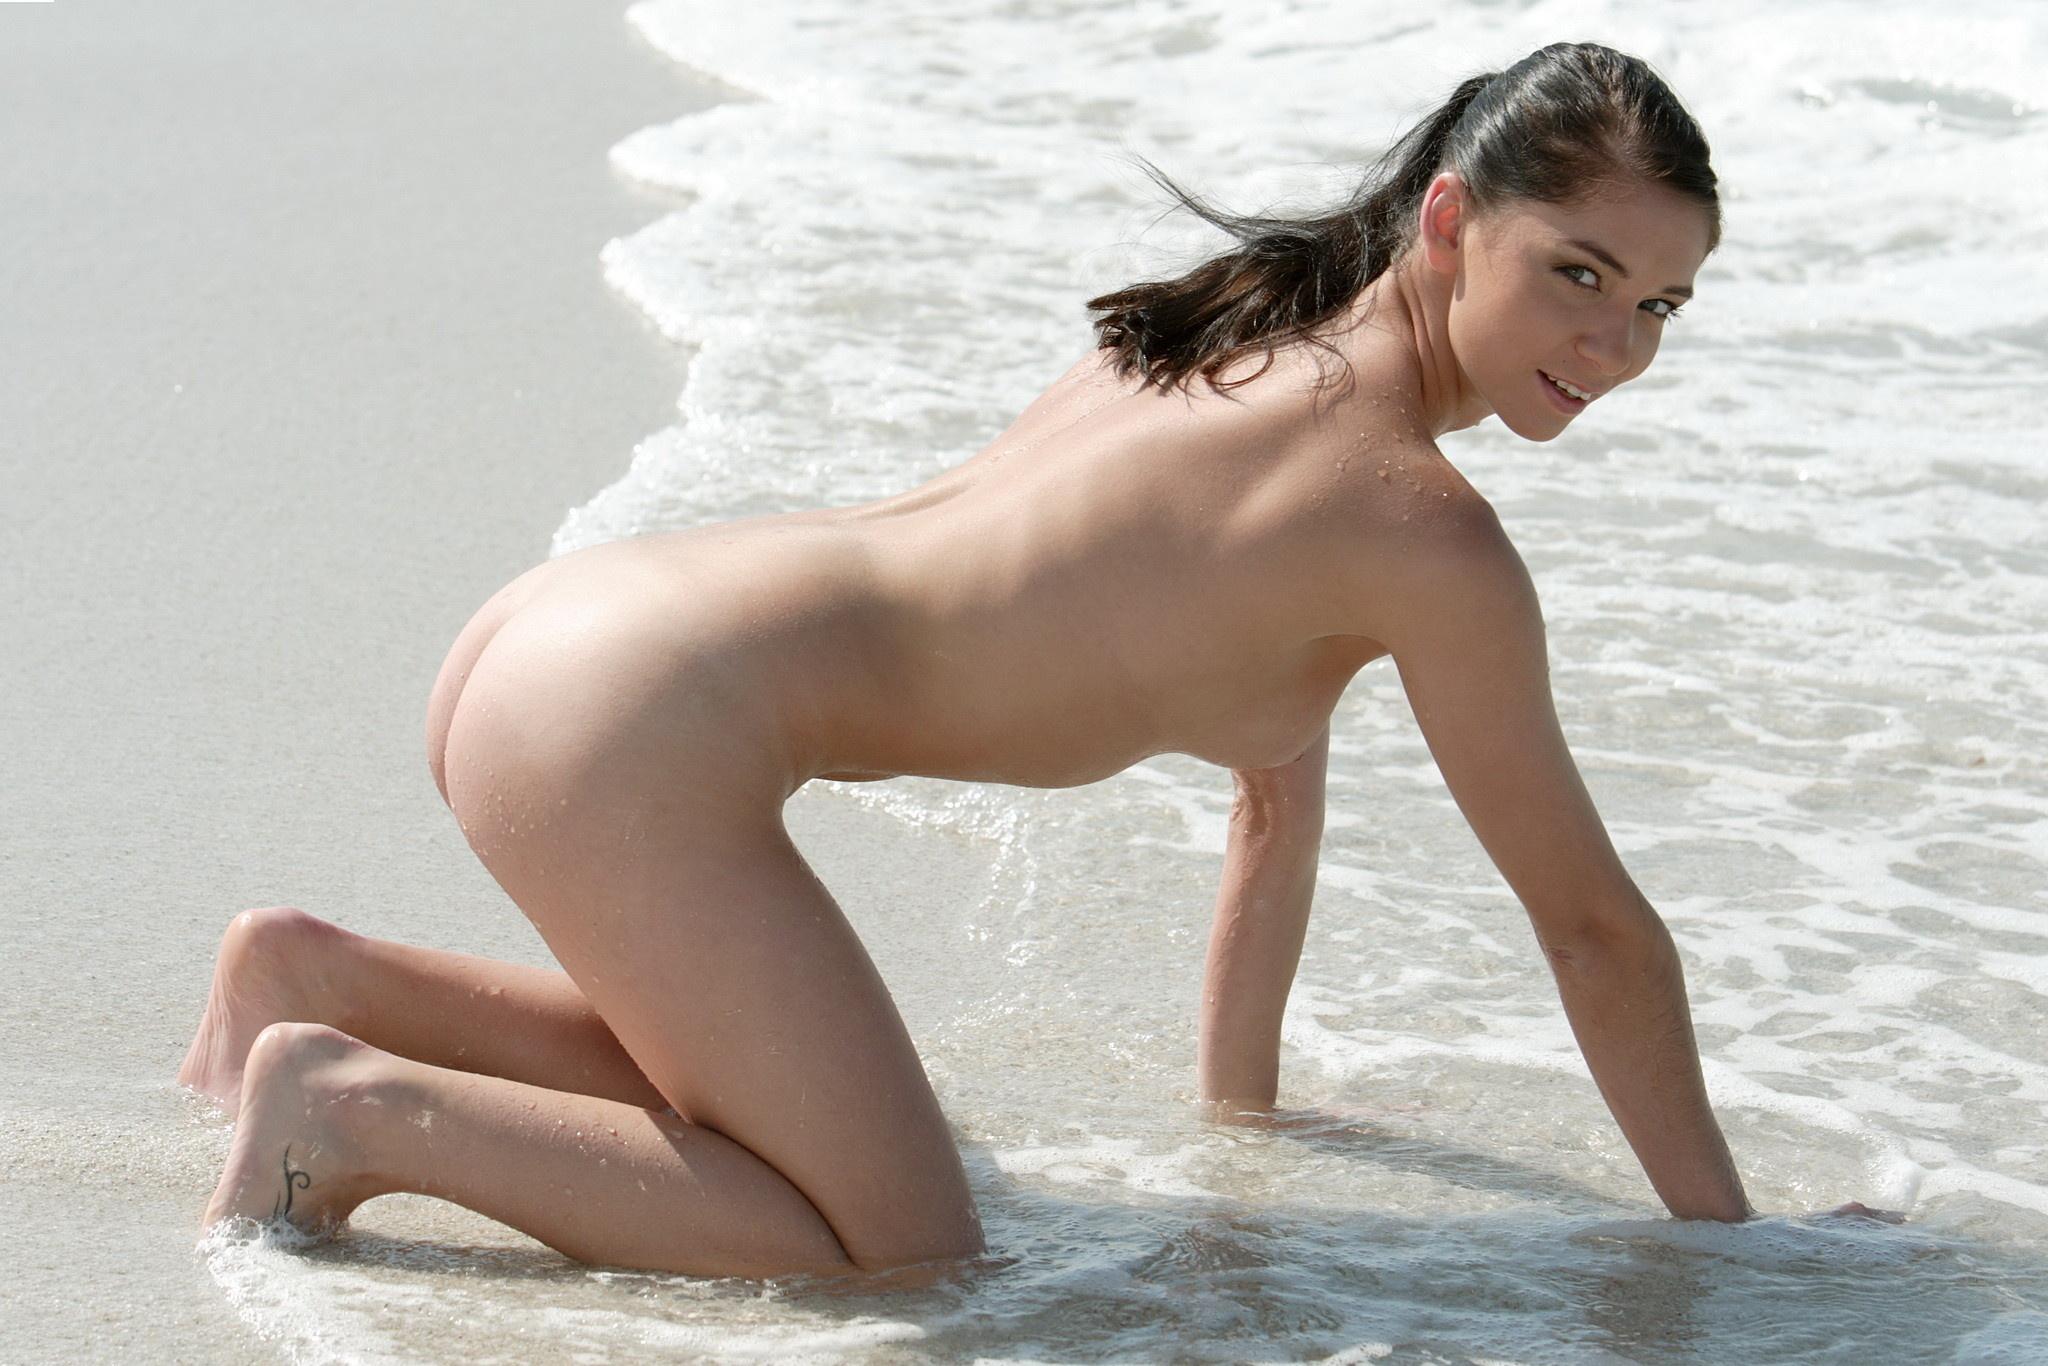 Thong Beach Tube Search 423 videos - NudeVista